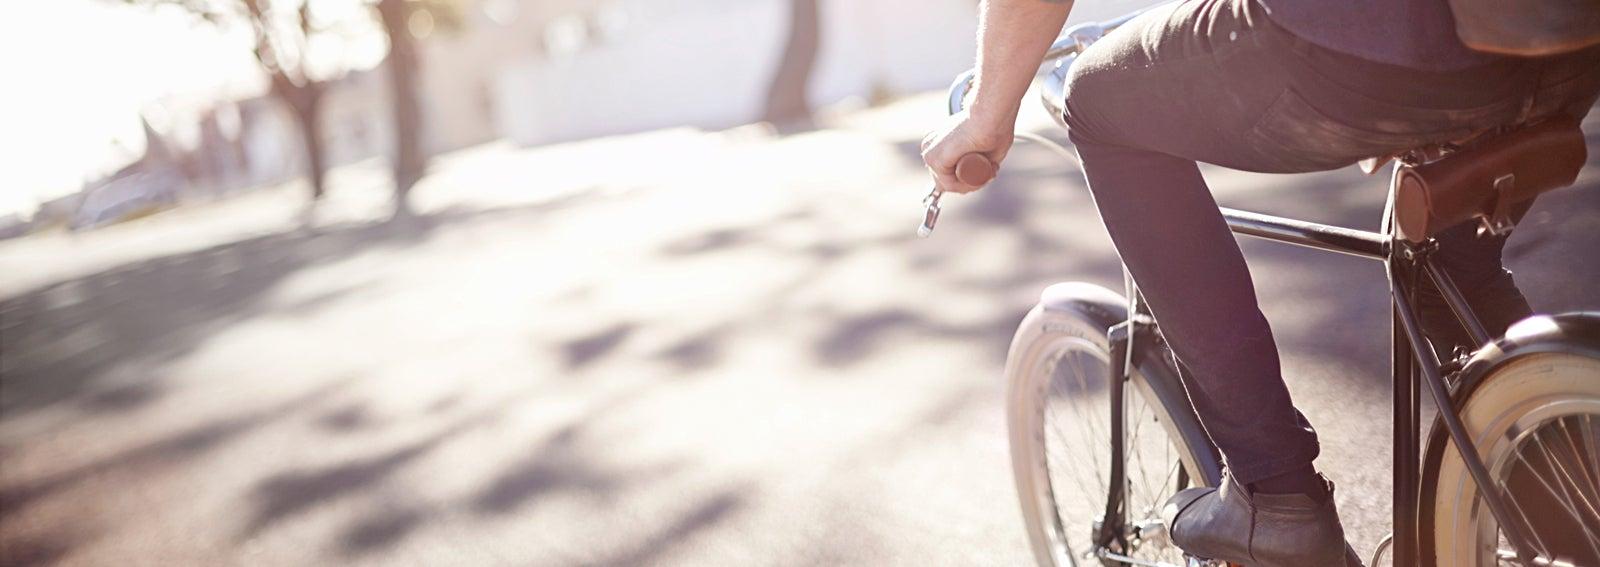 bike-event_image.jpg